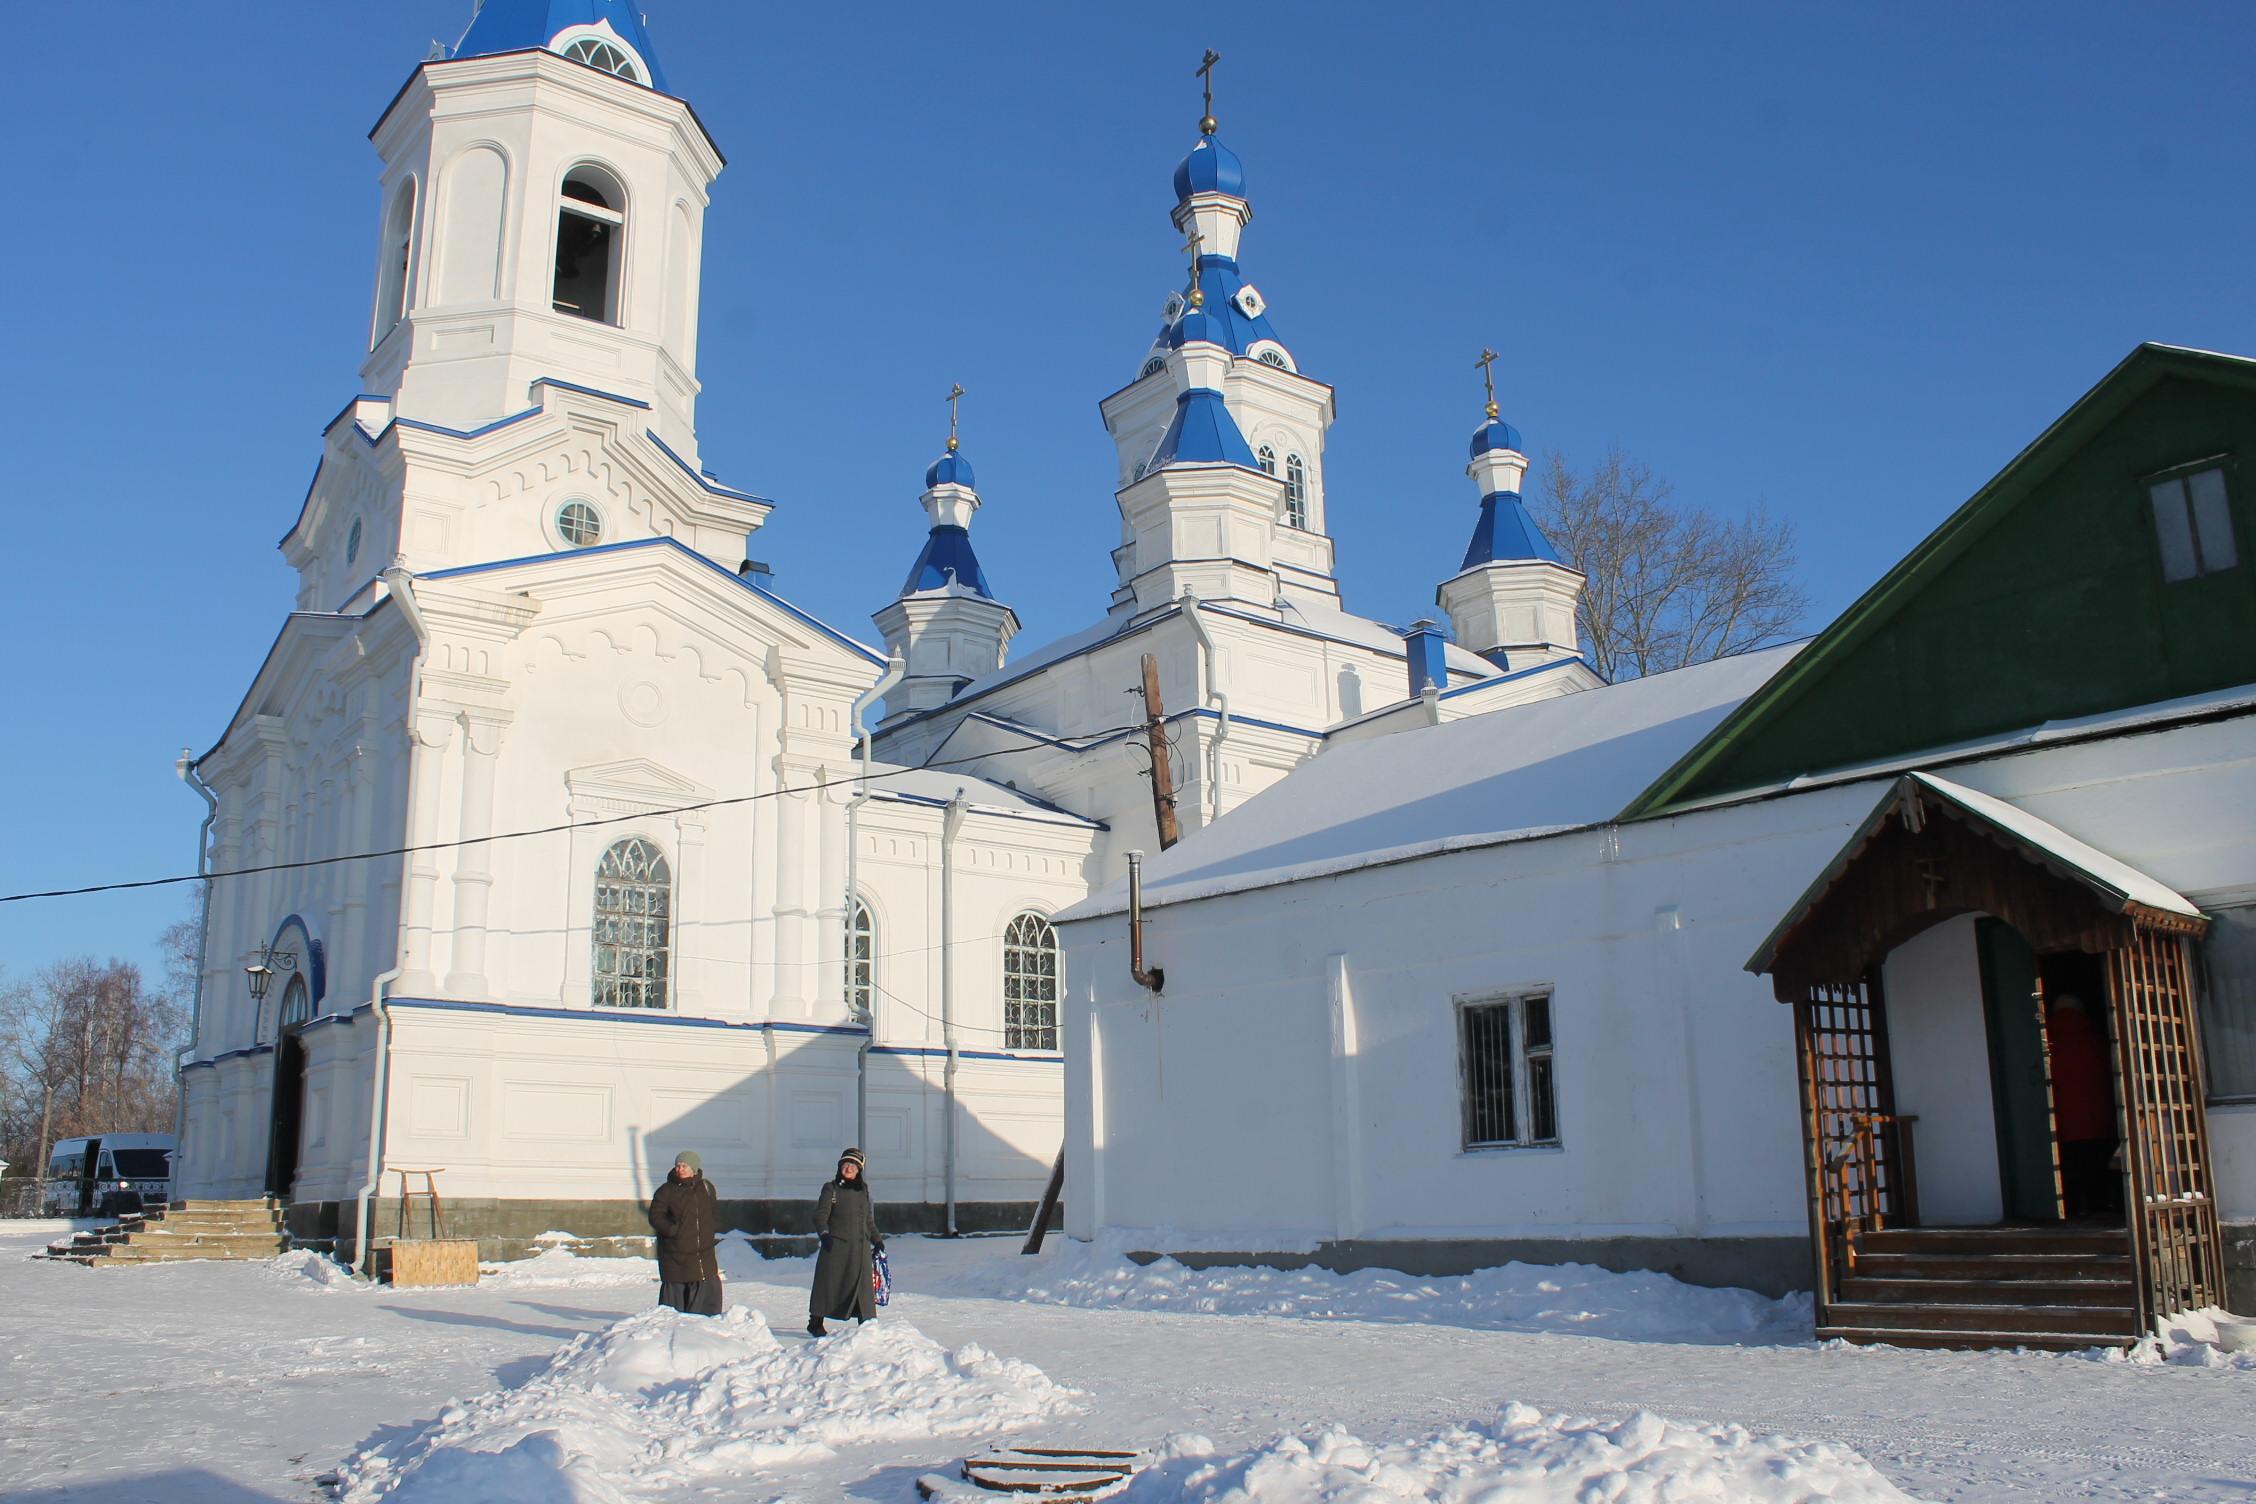 Алапаевск. Стихи в храме.